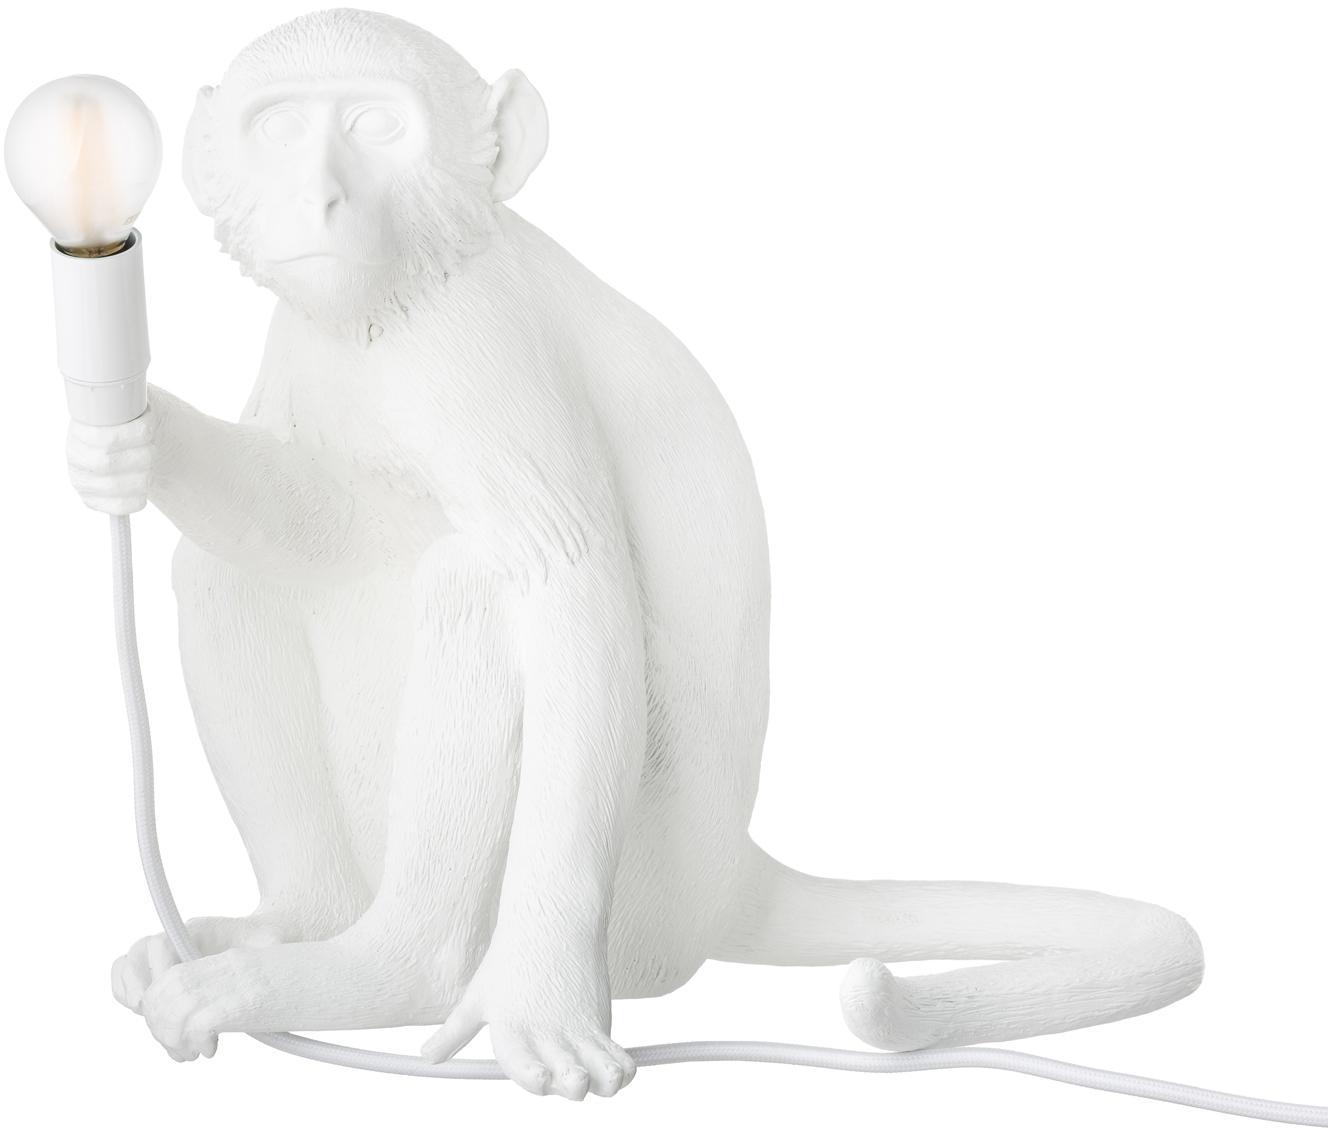 Outdoor LED tafellamp Monkey, Kunsthars, Wit, 34 x 32 cm